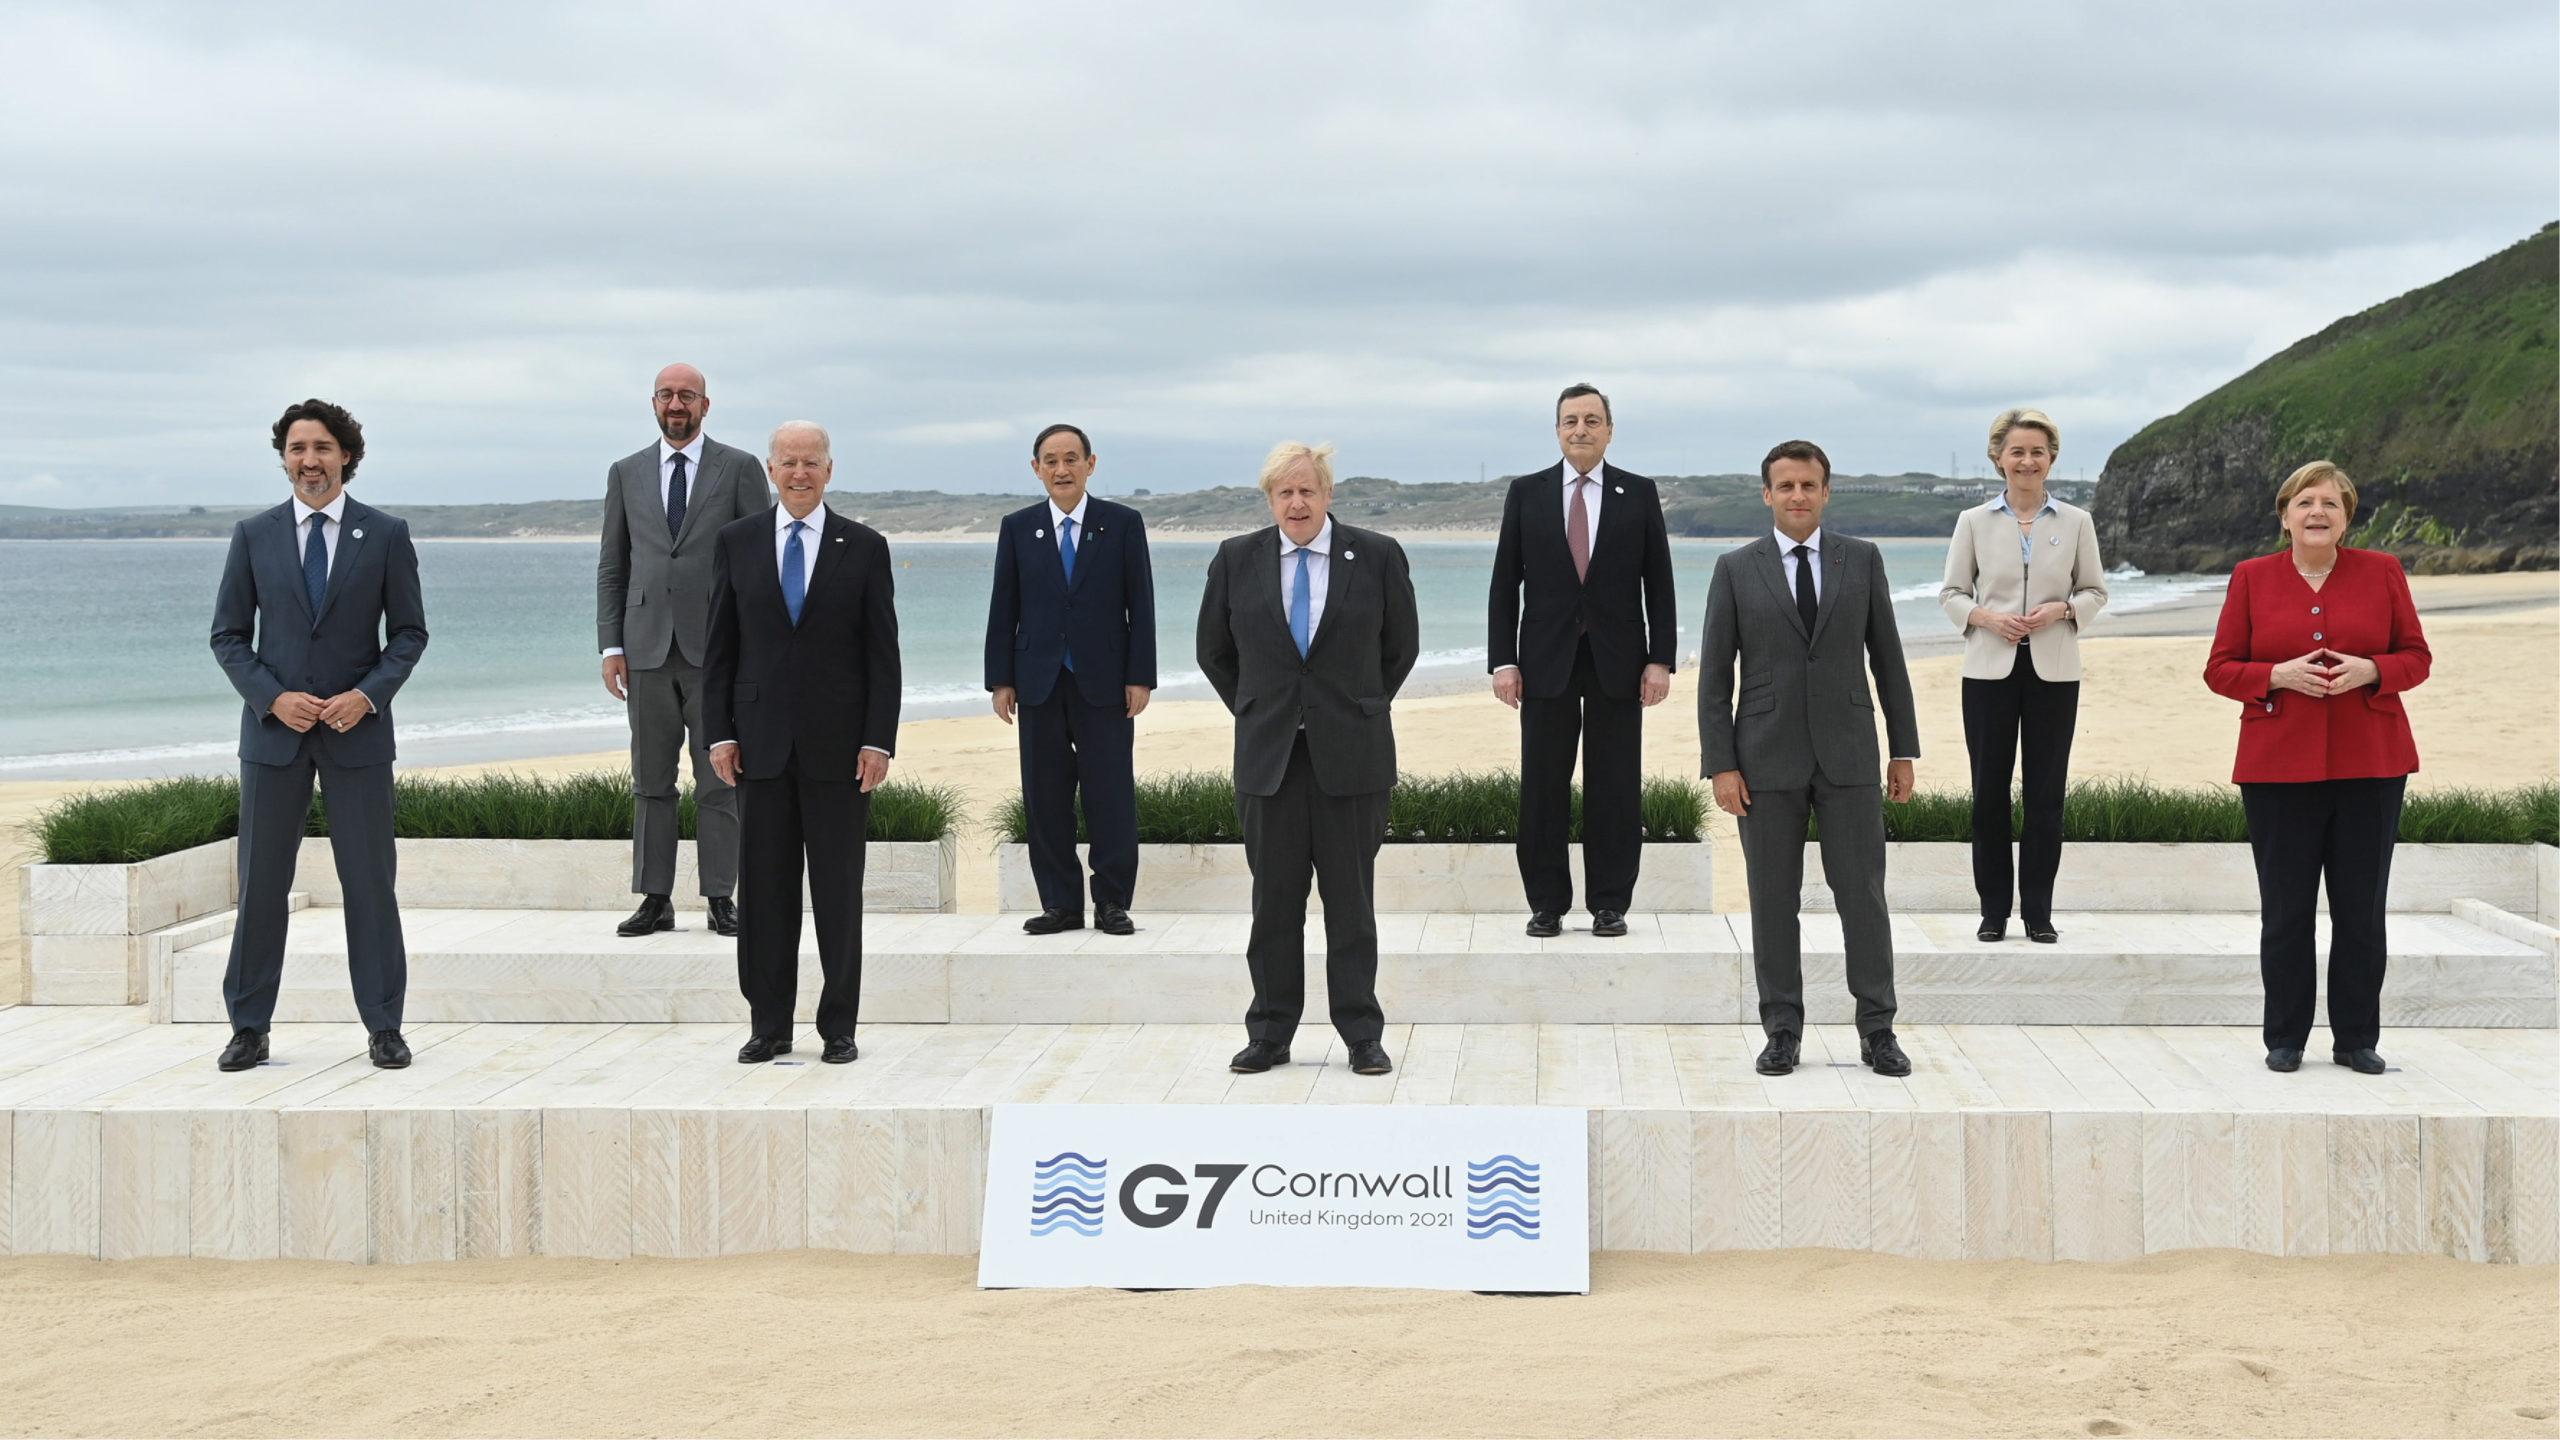 ¿Qué importancia tienen los compromisos climáticos del G7?